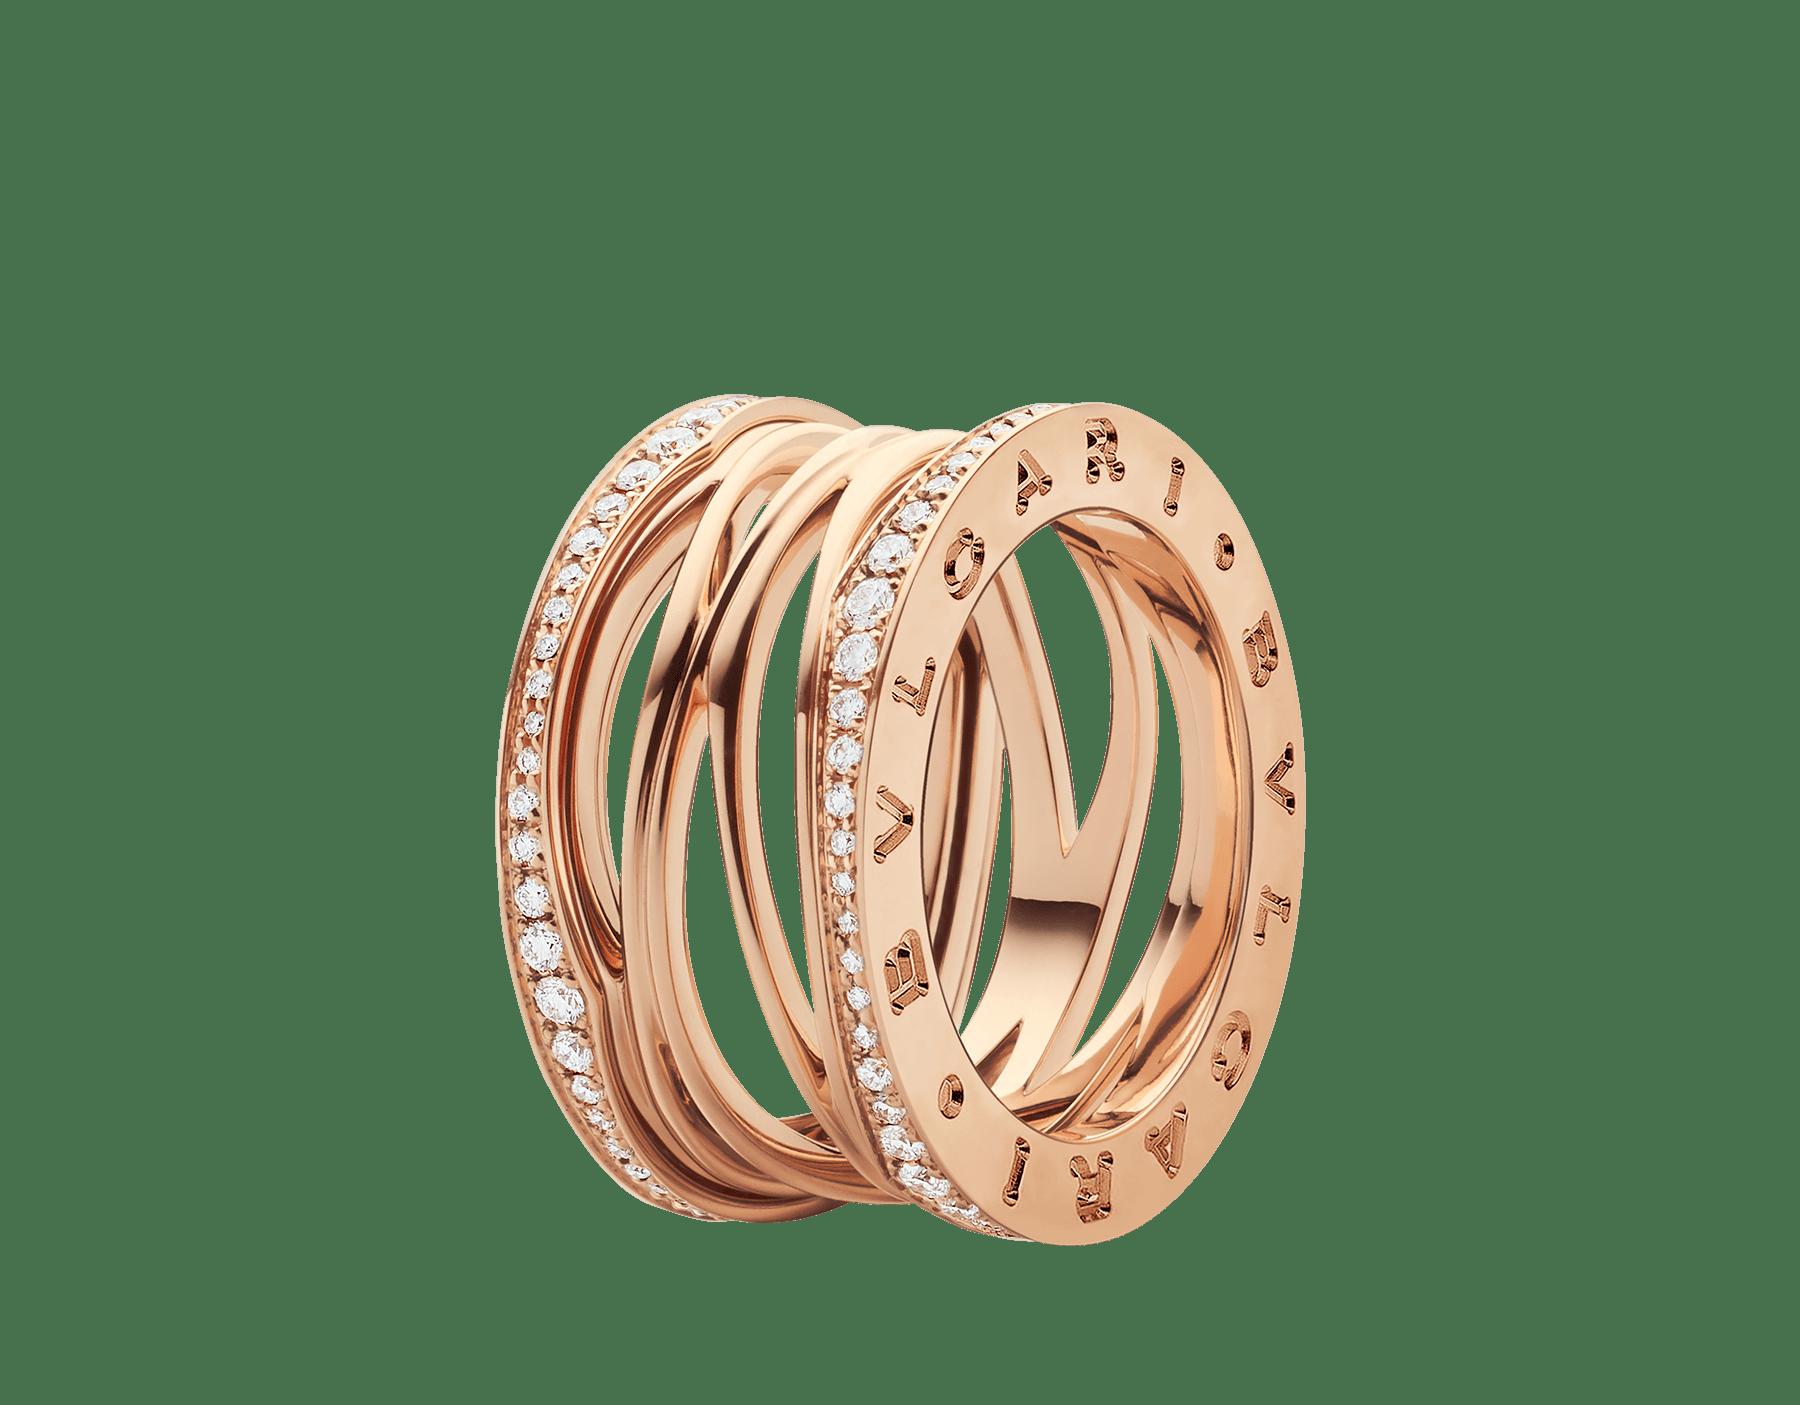 Anel B.zero1 Legend de 4 aros em ouro rosa 18K cravejado com pavê de diamantes (0,61ct) nas bordas. B-zero1-4-bands-AN858125 image 1